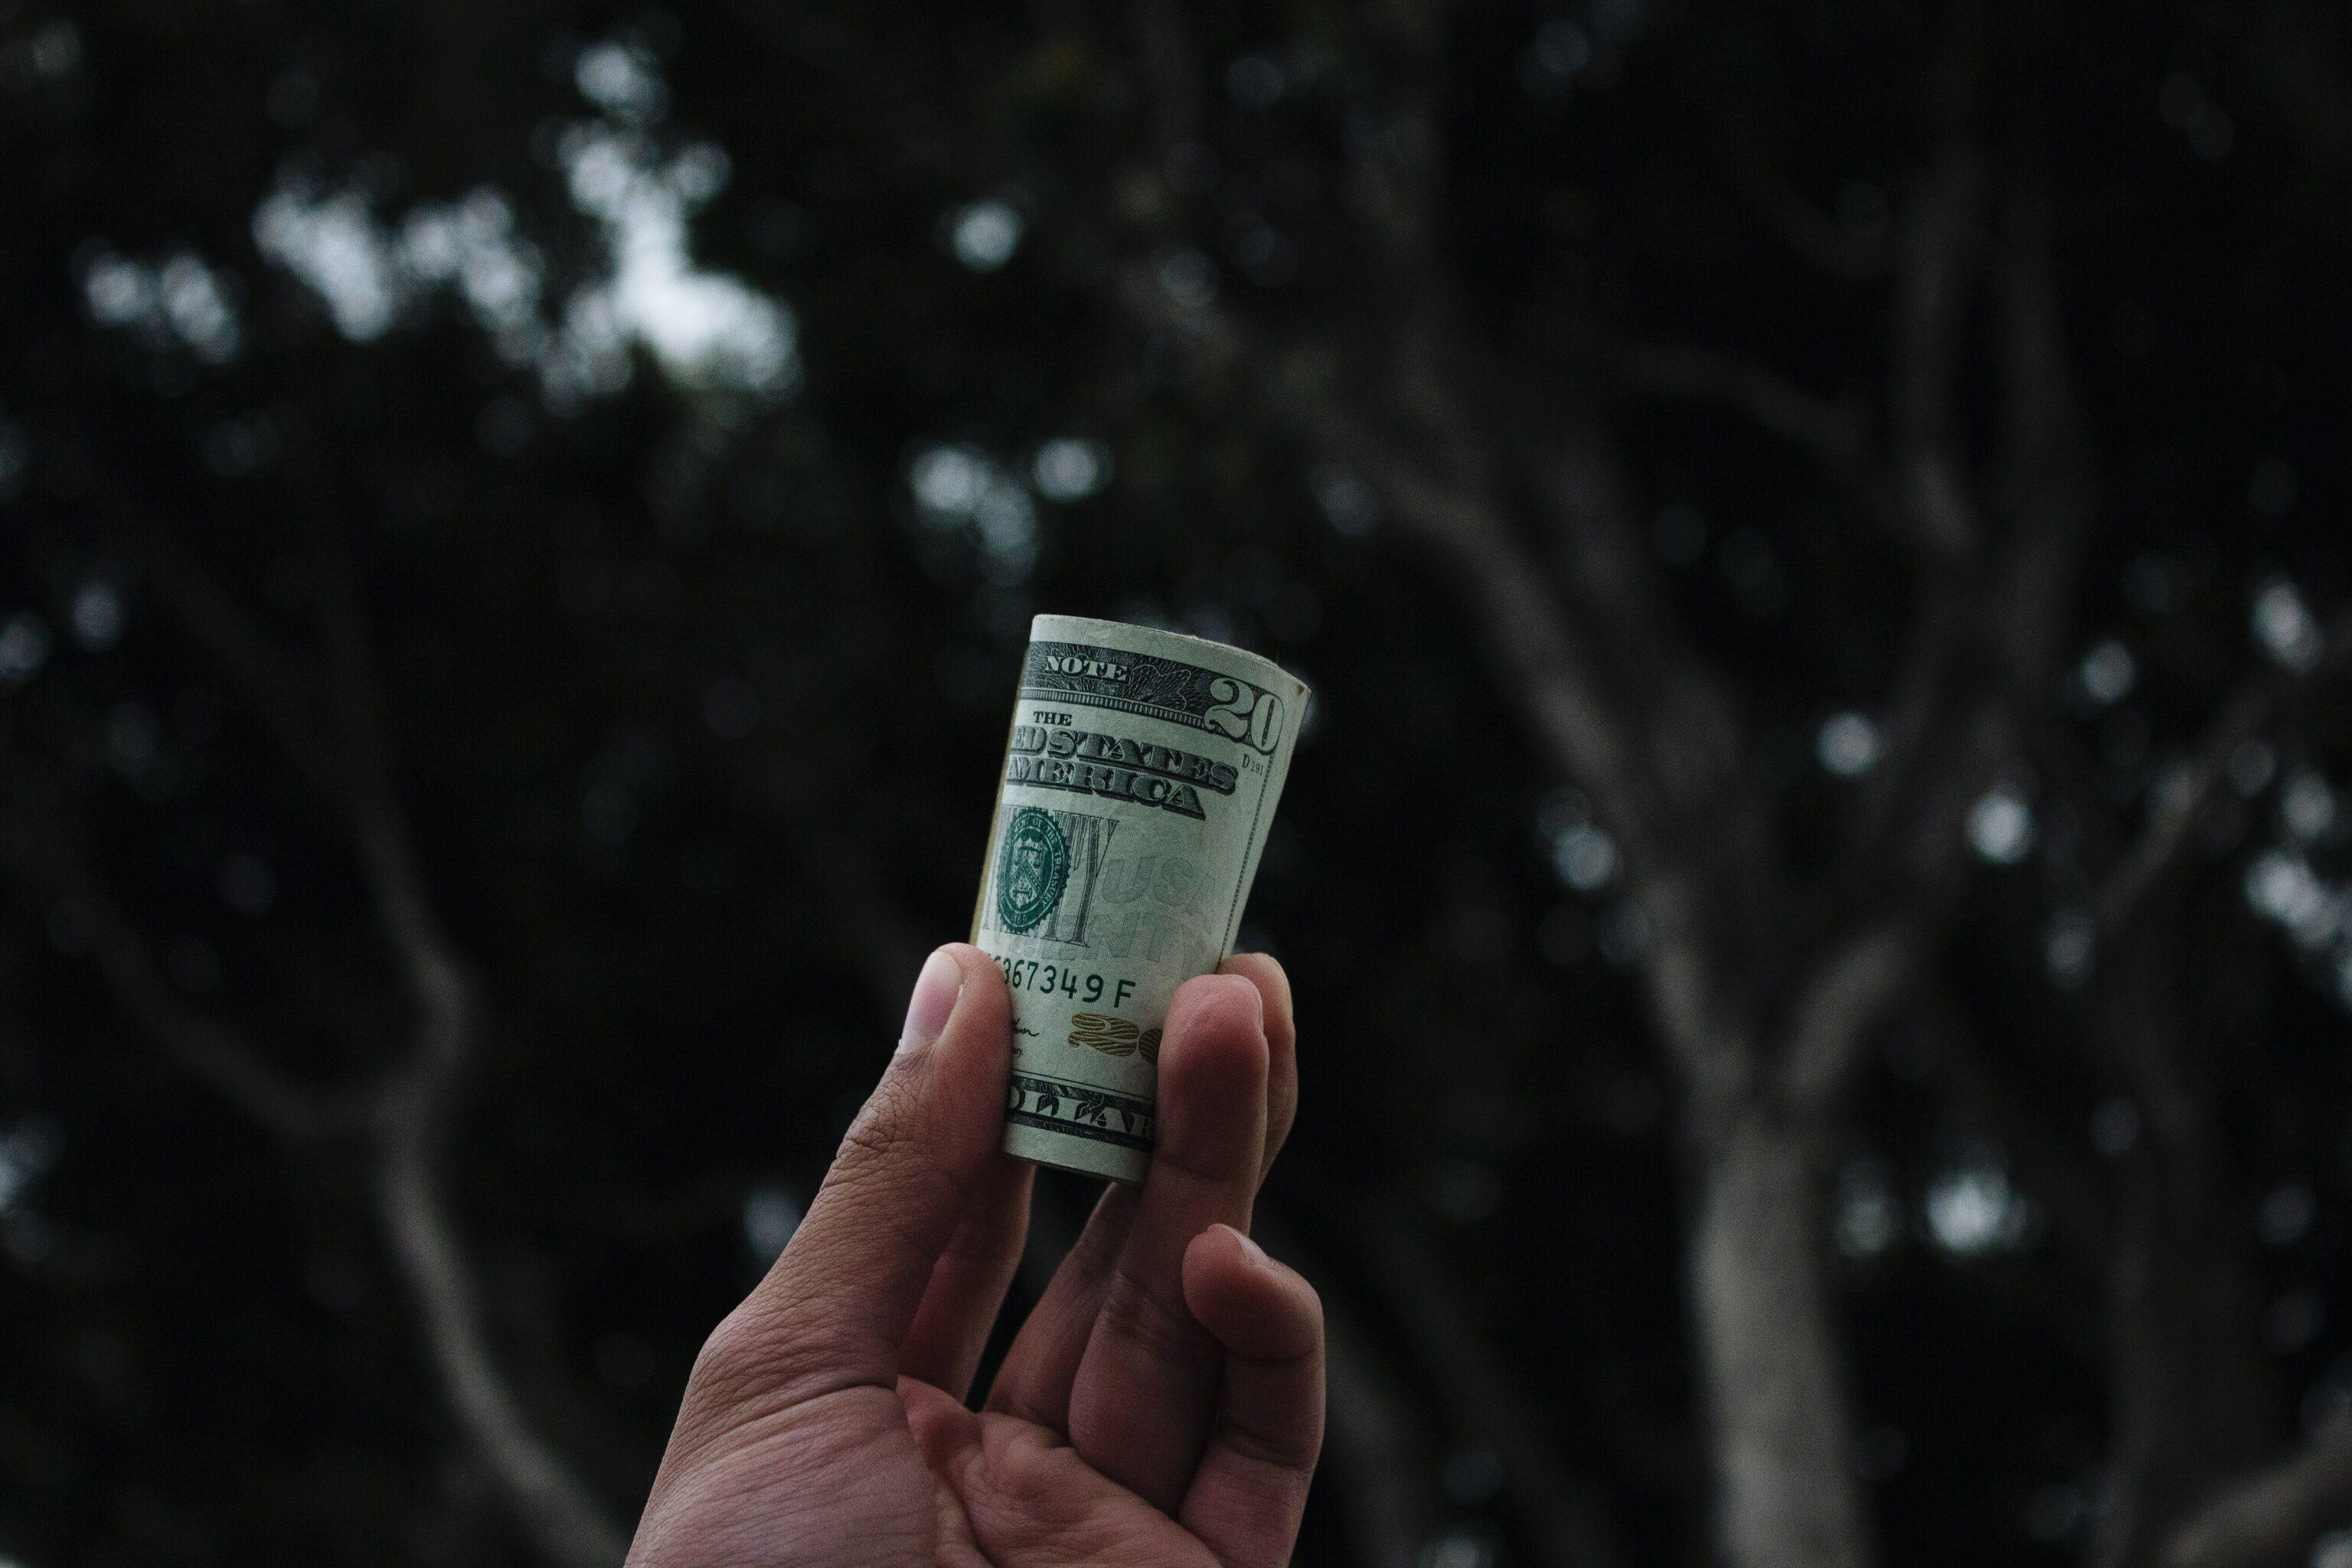 Diskusi dengan pasangan tentang gaji